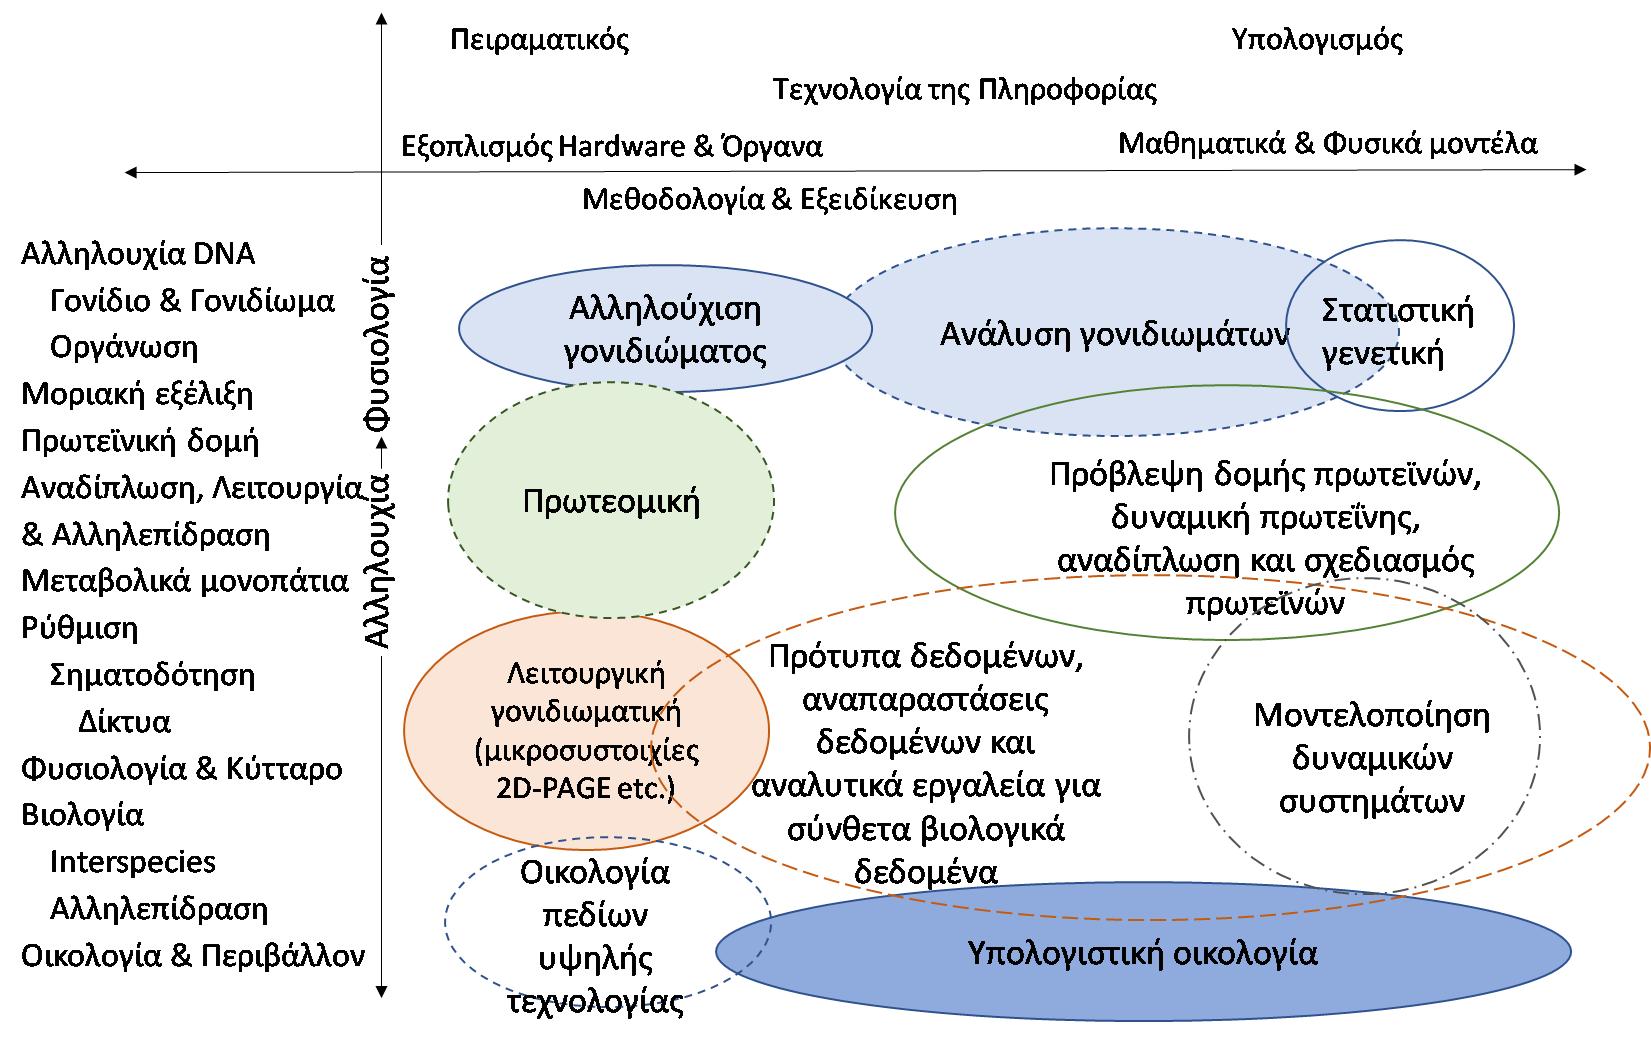 Εικόνα 1. Πώς η τεχνολογία διασταυρώνεται με τη βιολογία